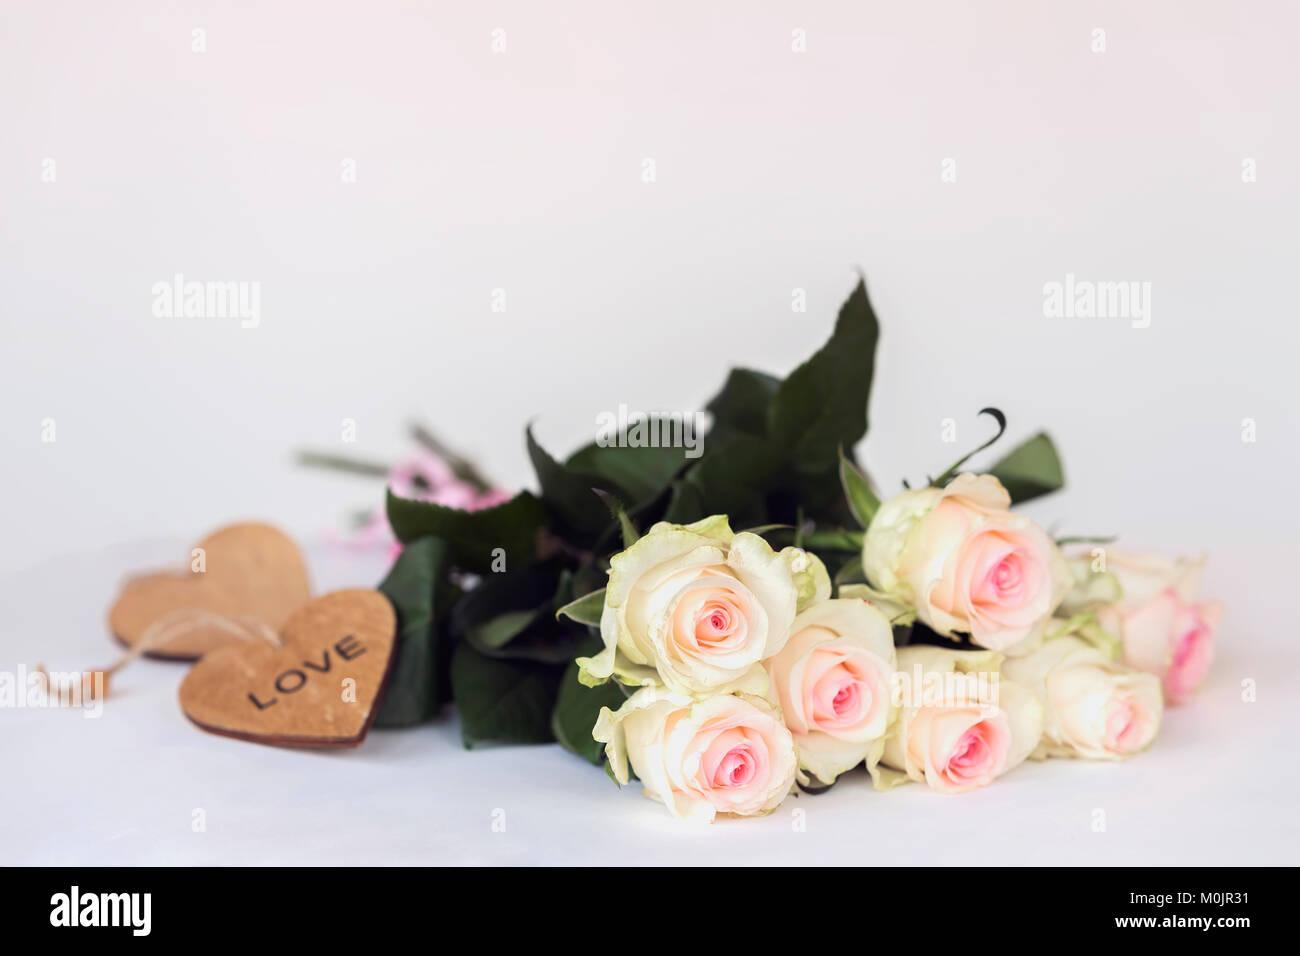 Romantische Valentines Bluhenden Rosen Zarte Blumen Pastell